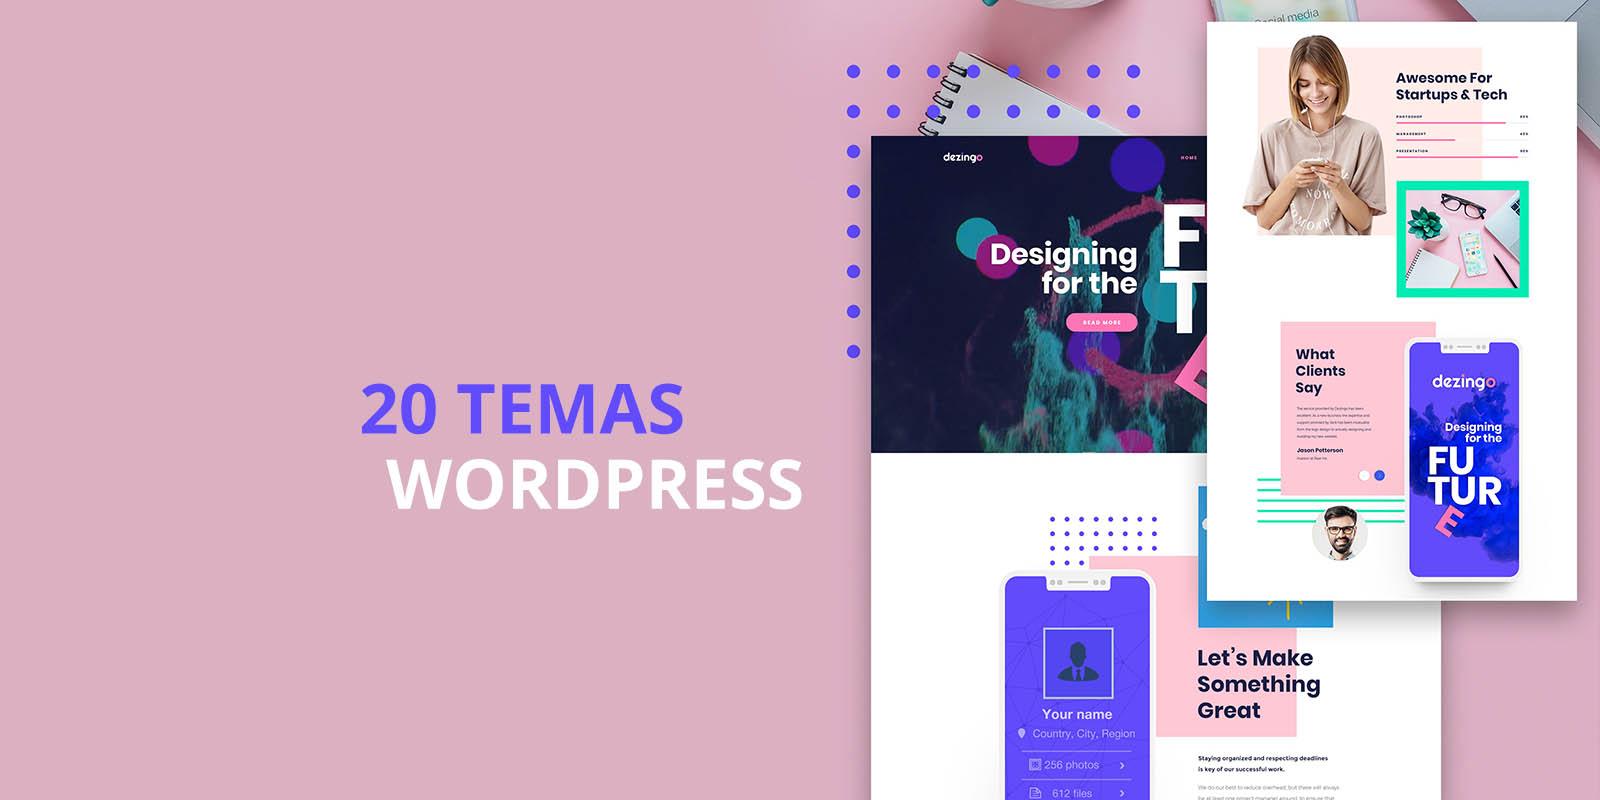 20 temas wordpress para criar um portf u00f3lio online